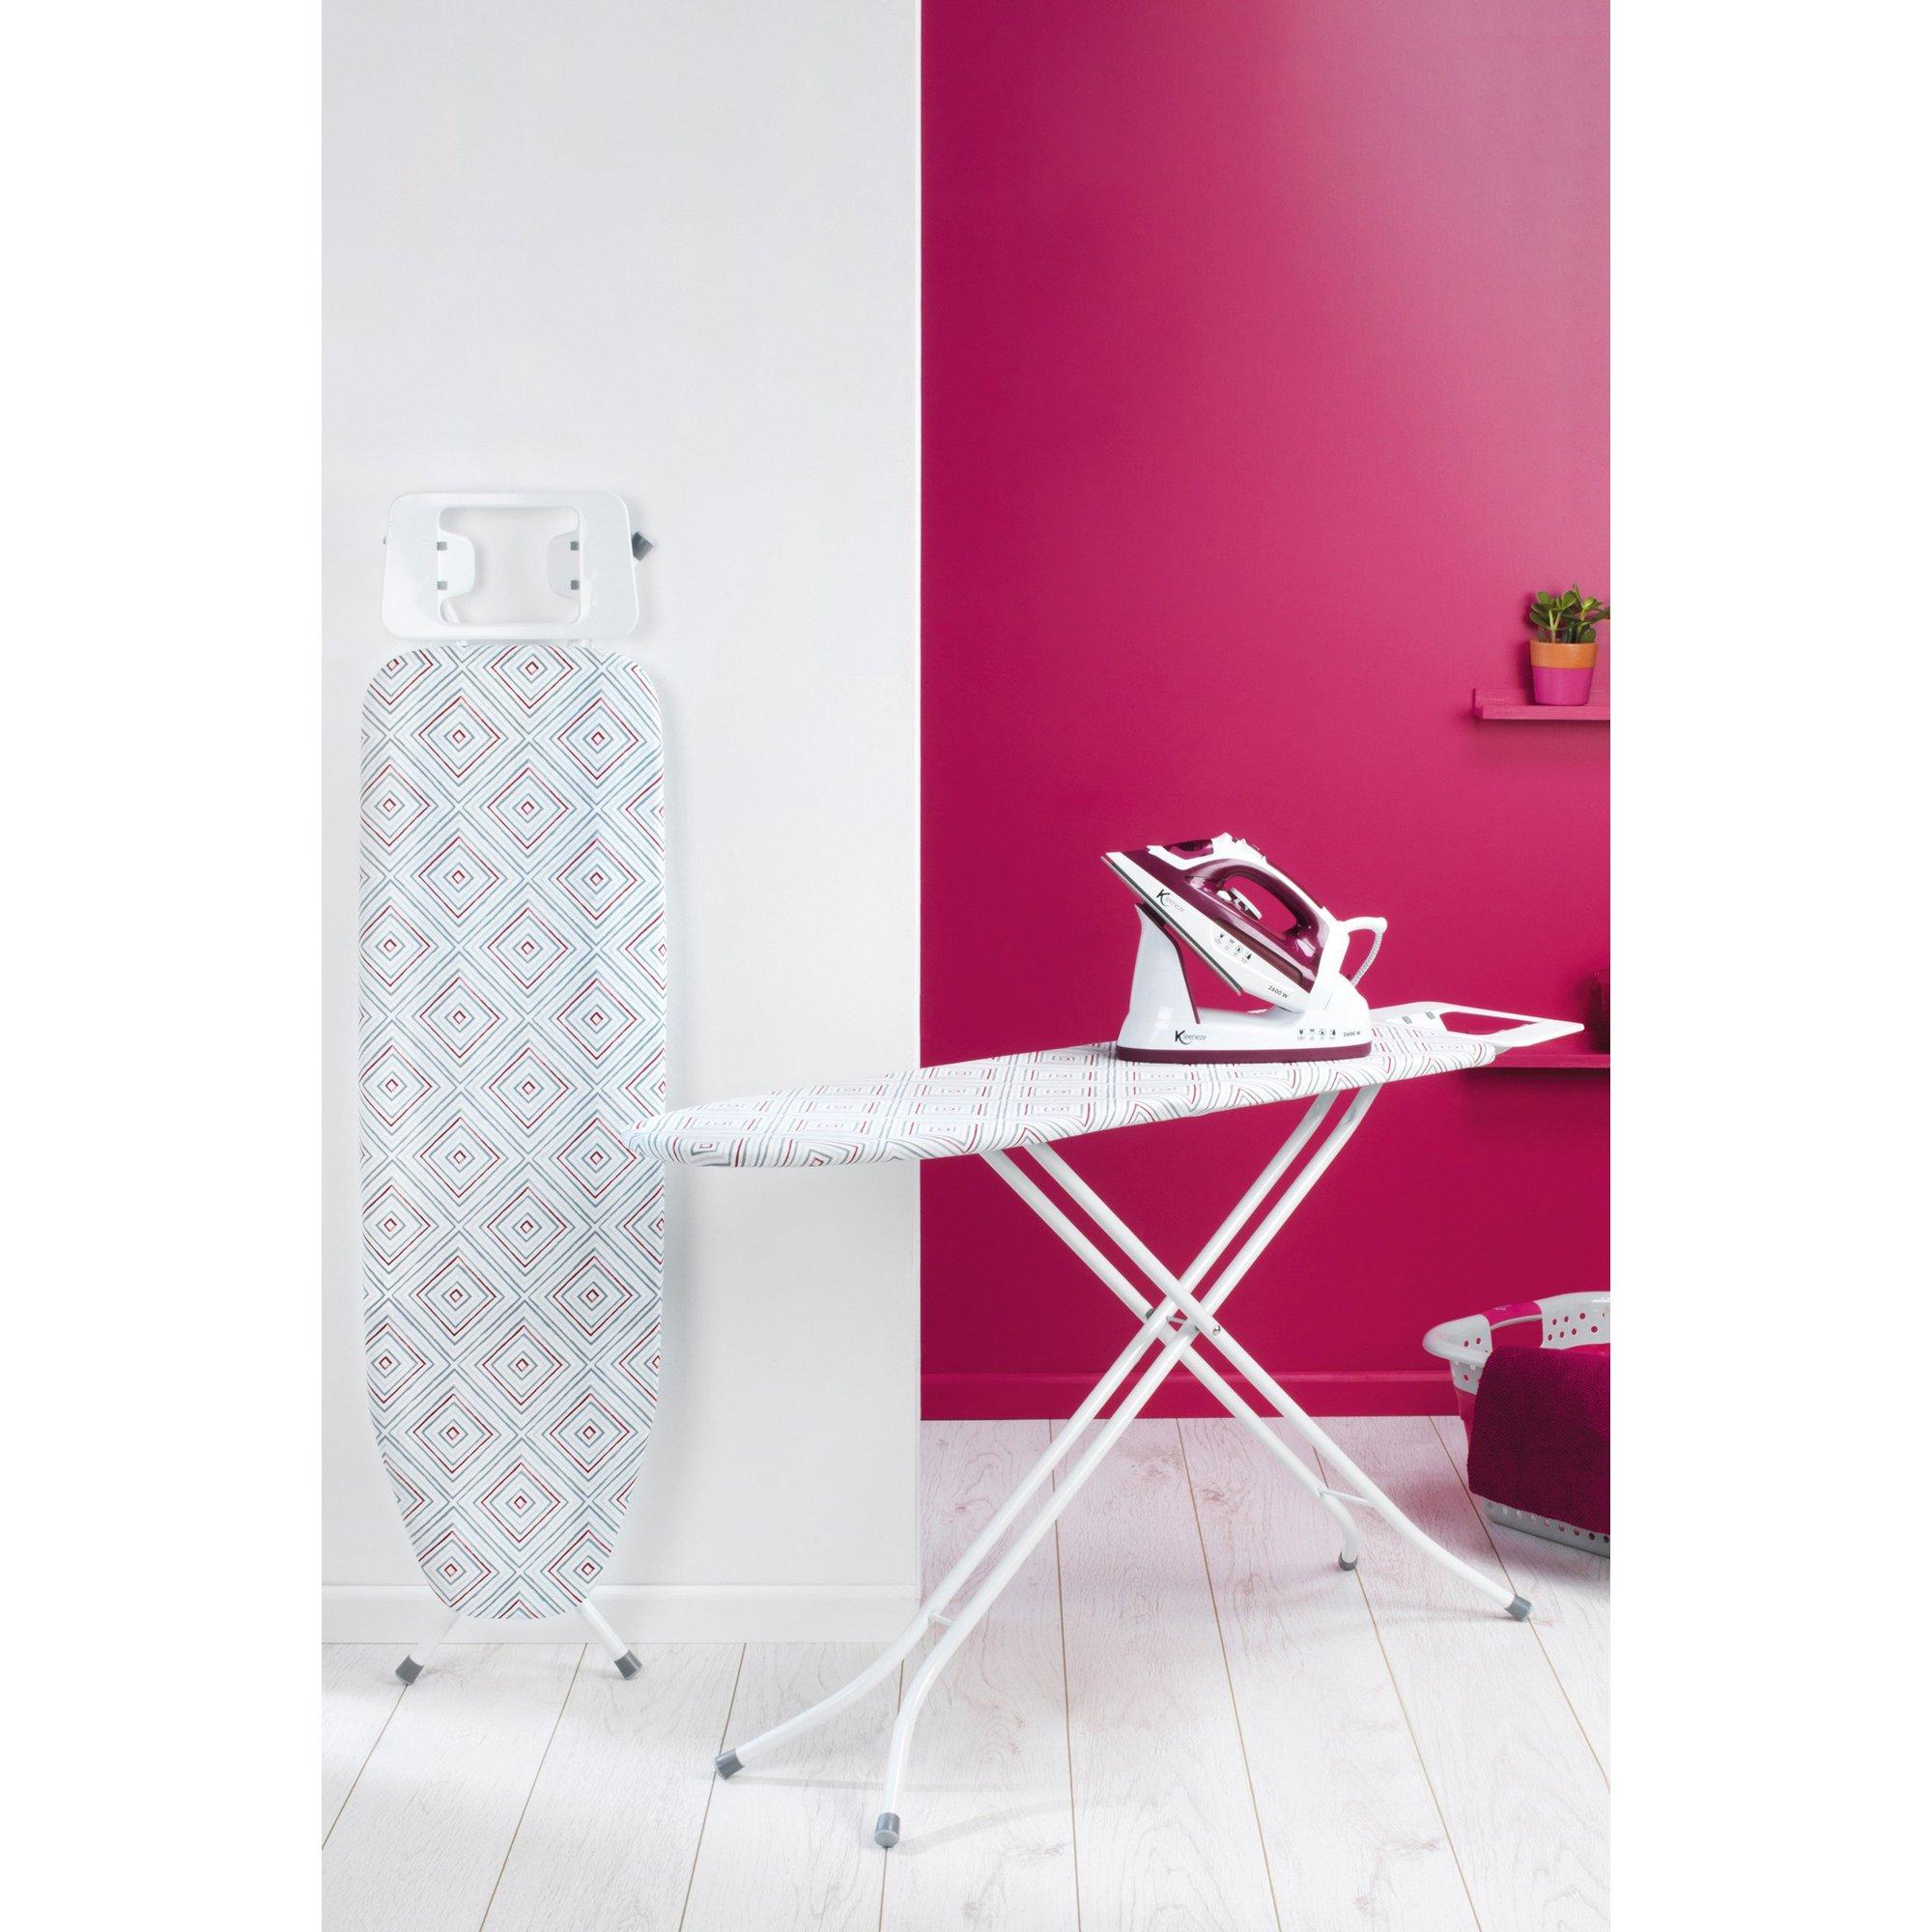 Image of Kleeneze Ironing Board